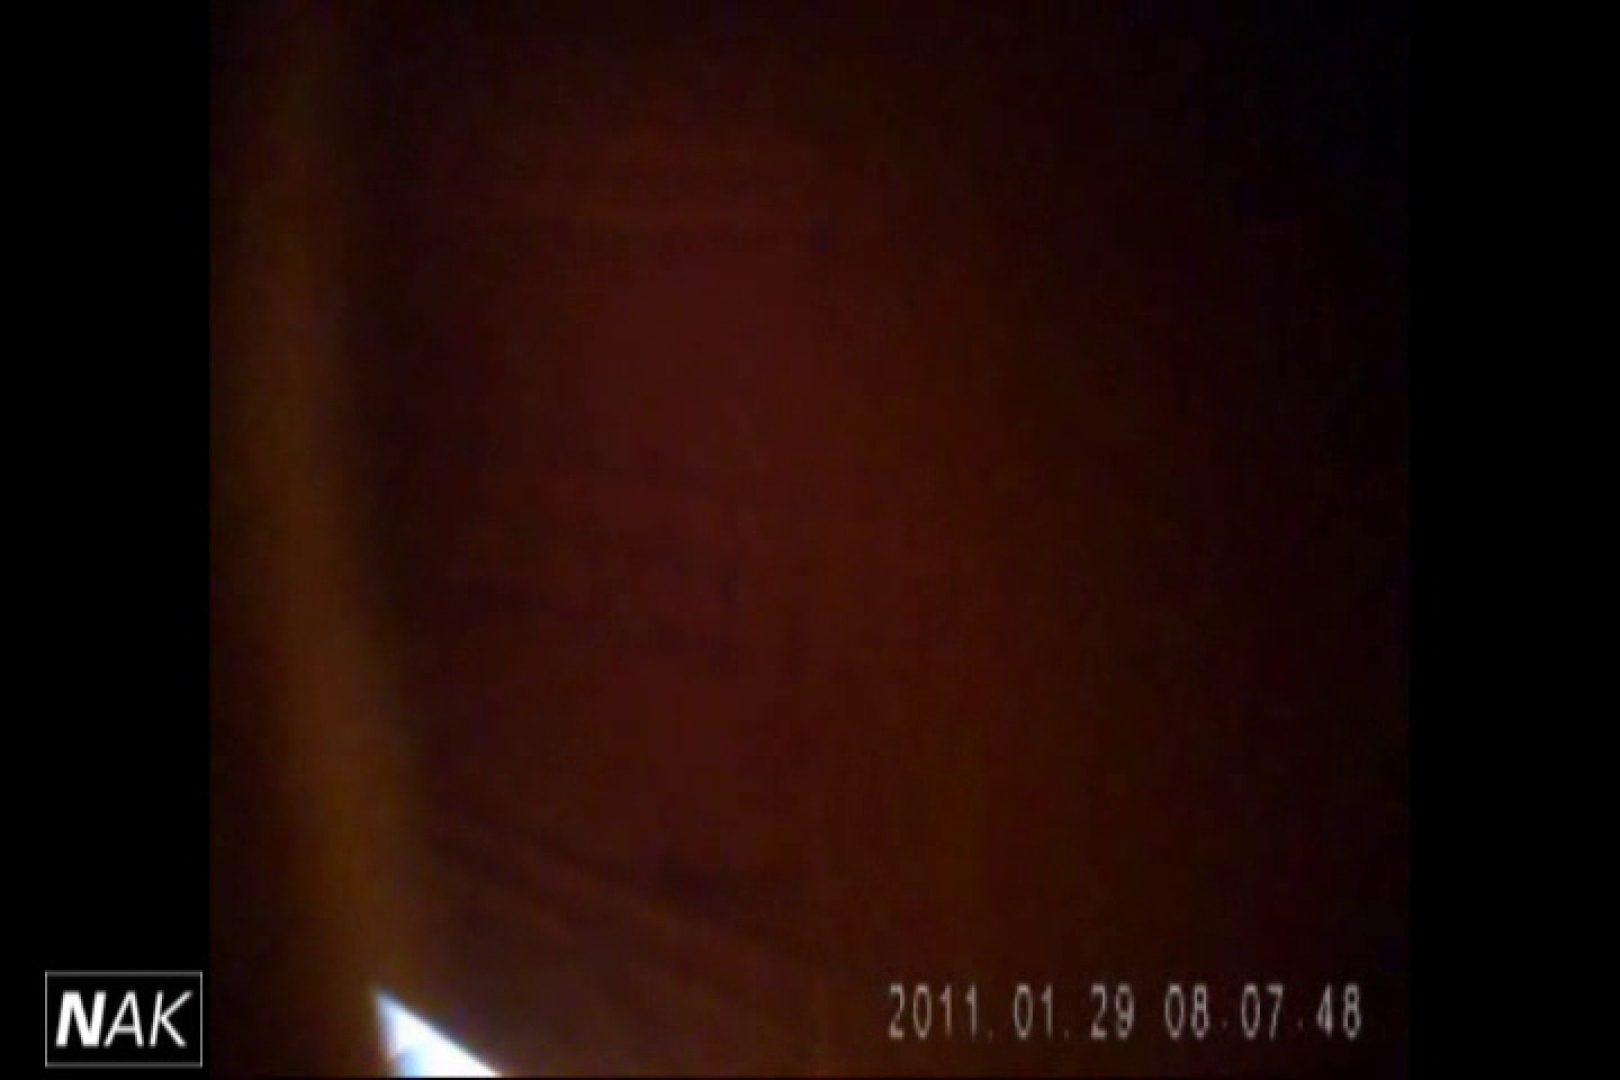 せん八さんの厠観察日記!2点監視カメラ 高画質5000K vol.16 黄金水 盗撮画像 113PIX 19